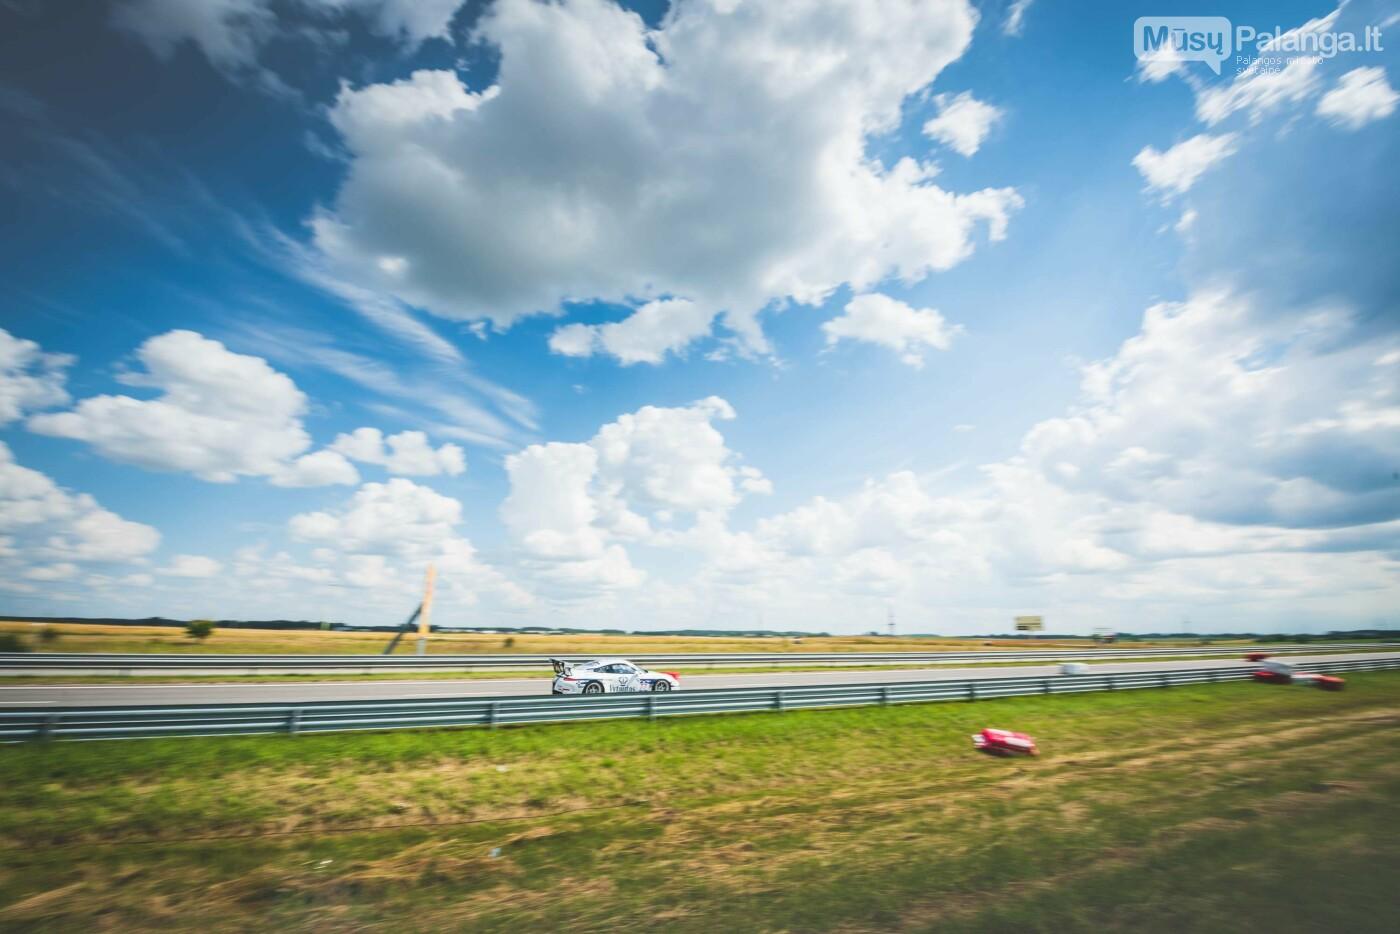 """Pirmoji """"Aurum 1006 km lenktynių"""" repeticija, nuotrauka-27, Arno STRUMILOS nuotr."""